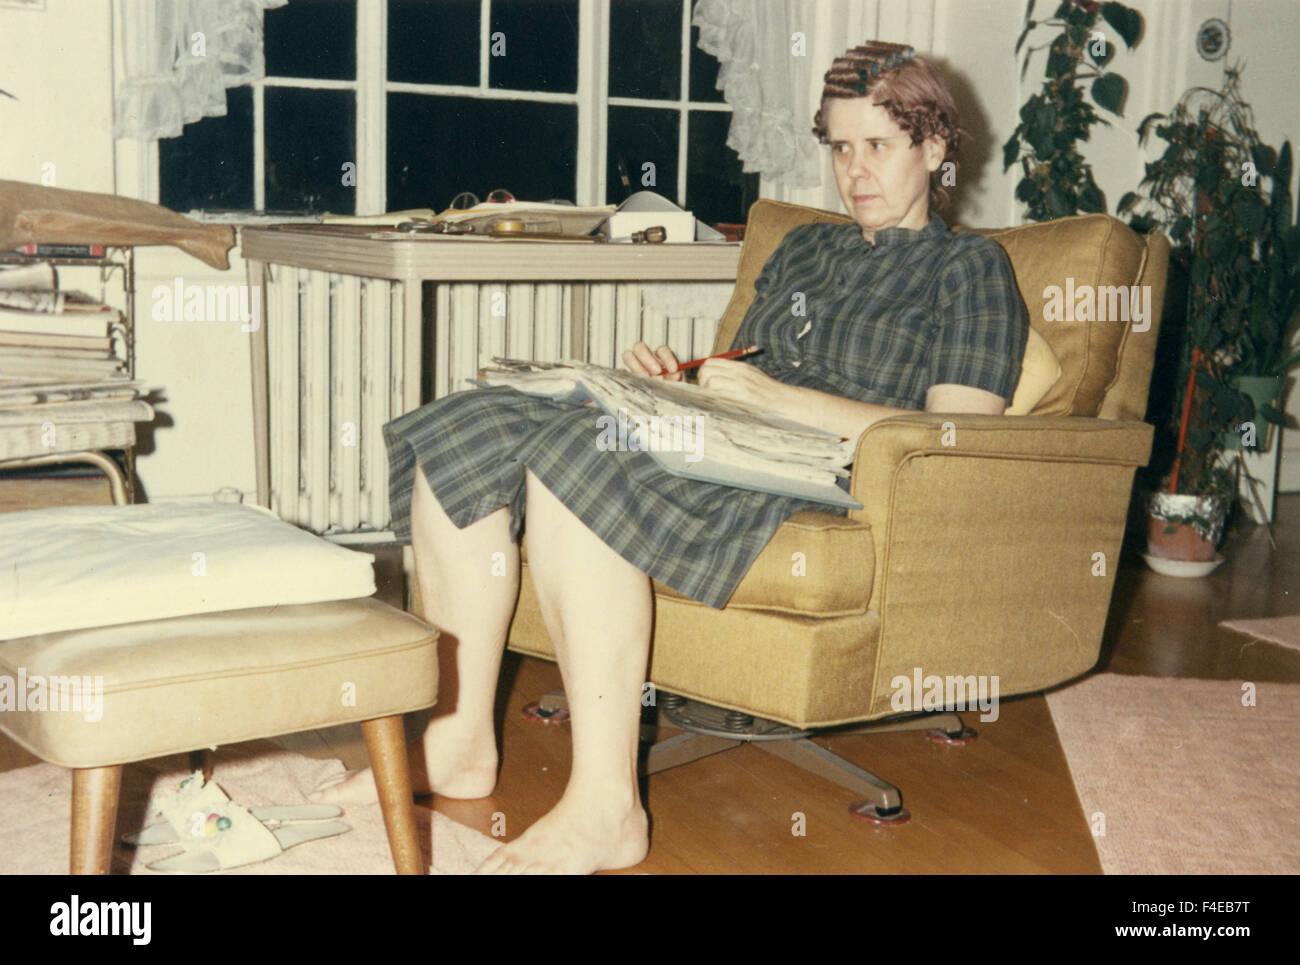 1960 moda mujer sentada en una silla en el salón Imagen De Stock